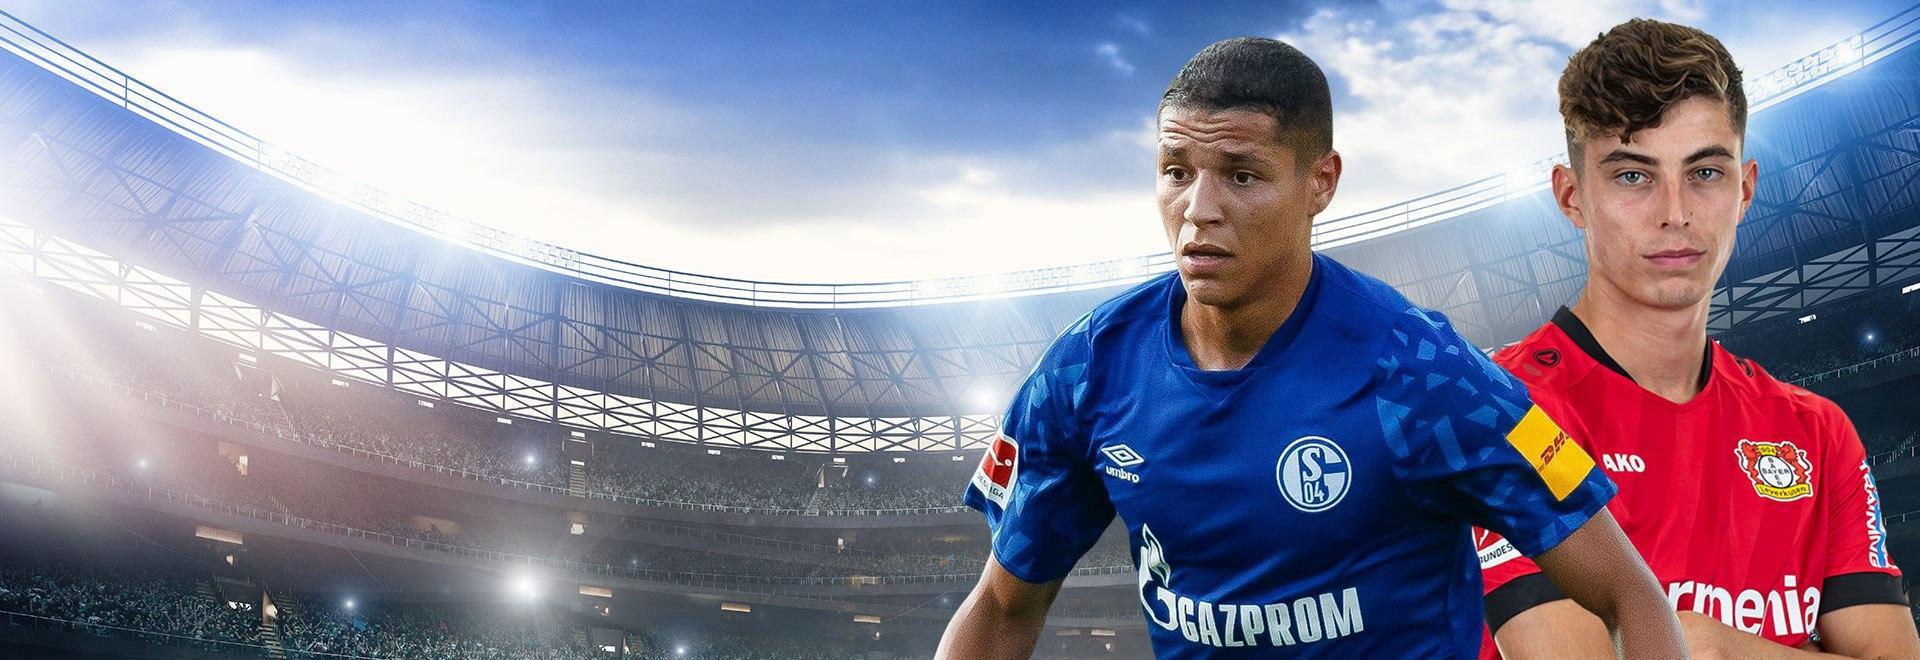 Schalke - Bayer L. 31a g.